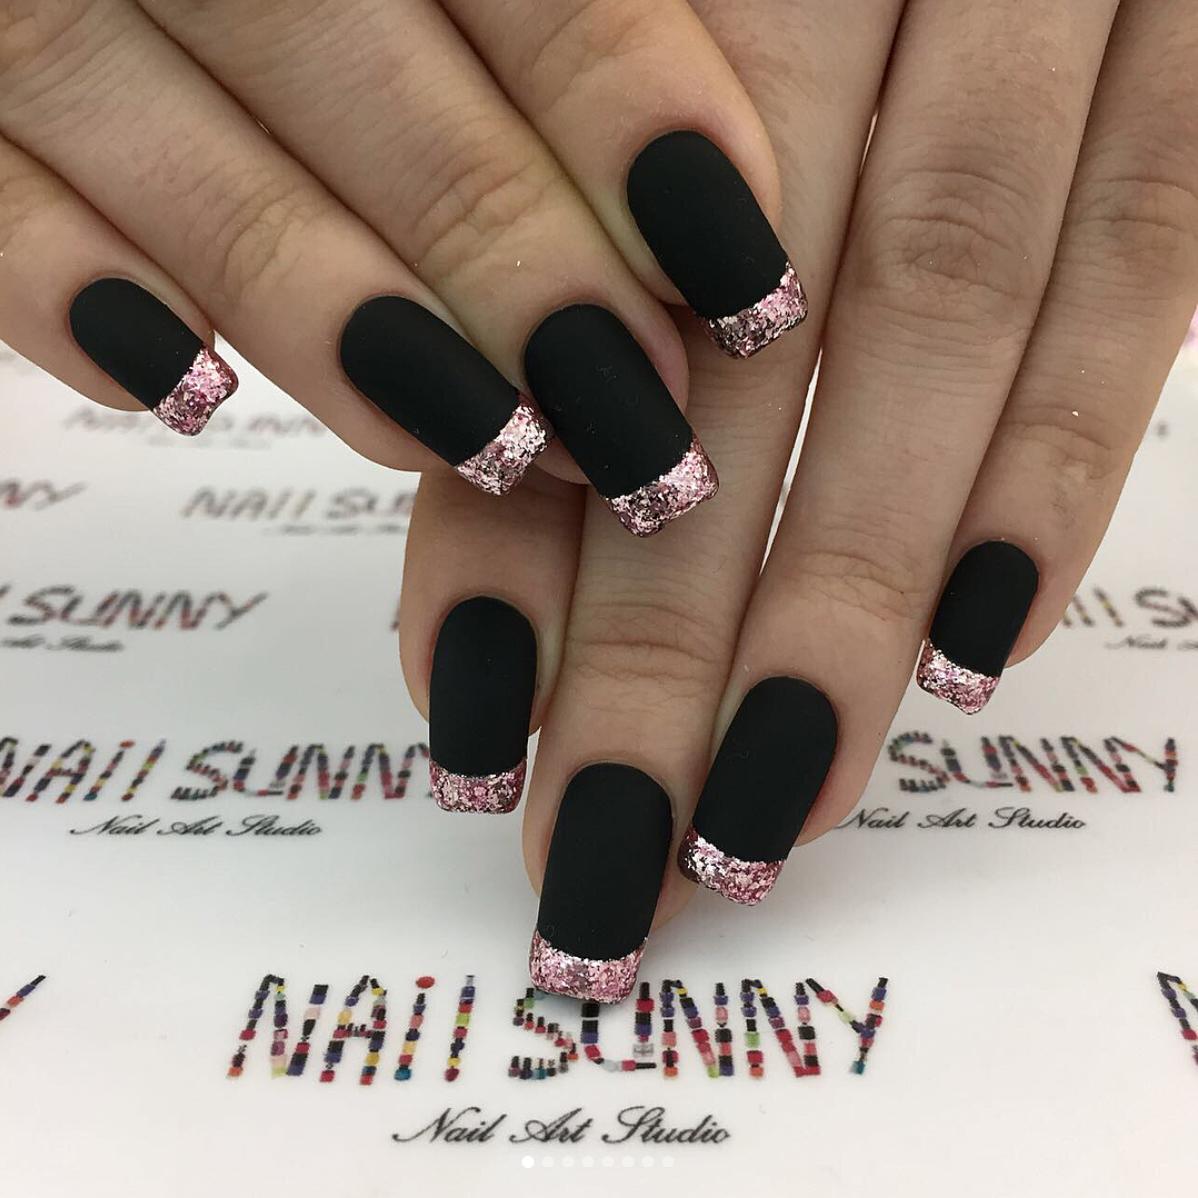 Nail Sunny French Nails Matte Black Pink Glitter Black Acrylic Nail Designs Rose Gold Nails Design Gold Nail Designs